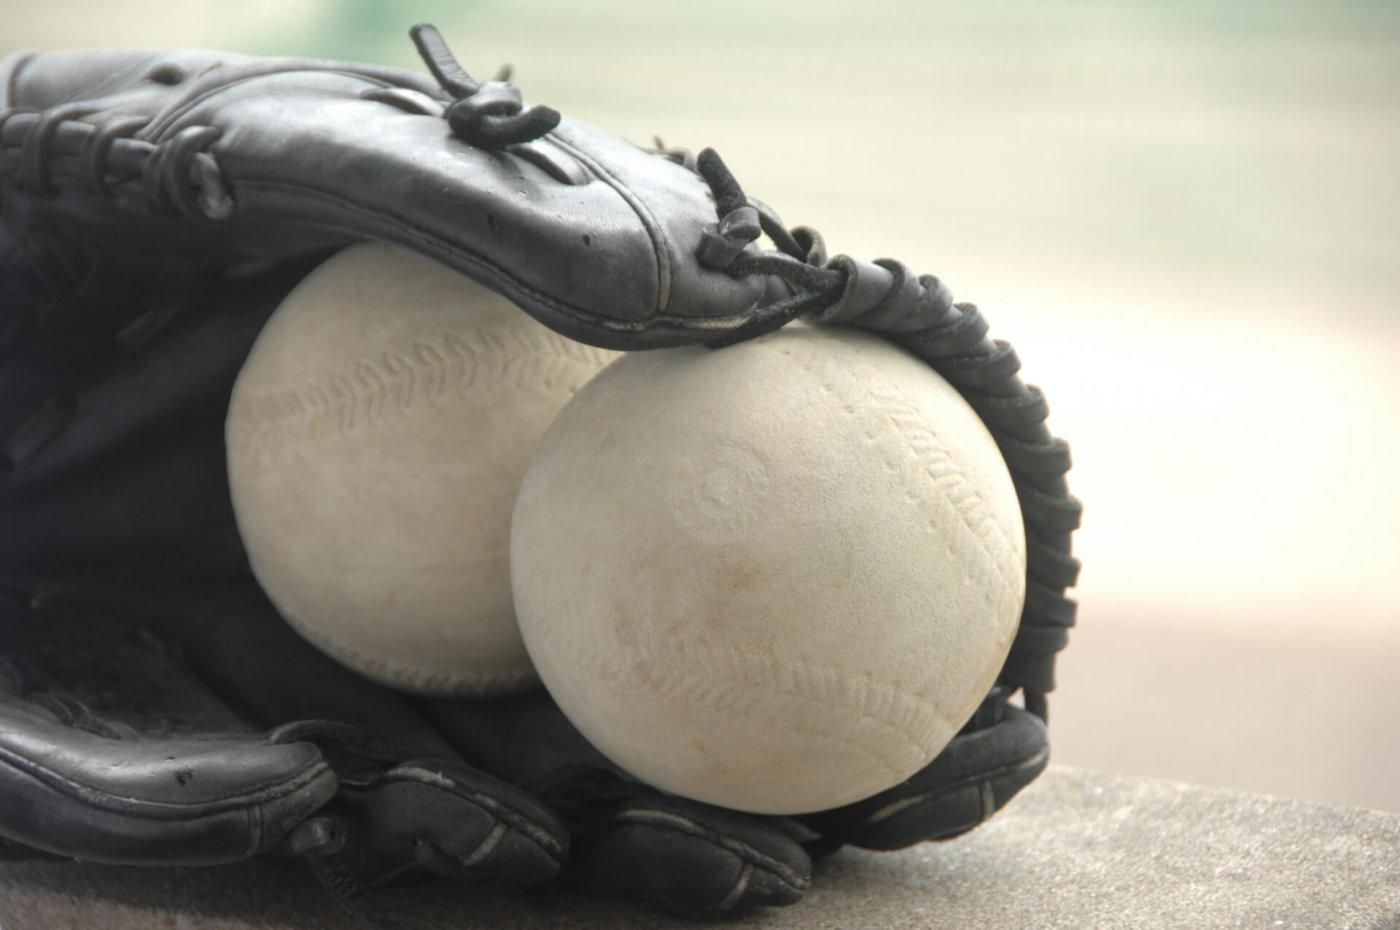 ソフトボール用グローブの選び方と手入れの仕方